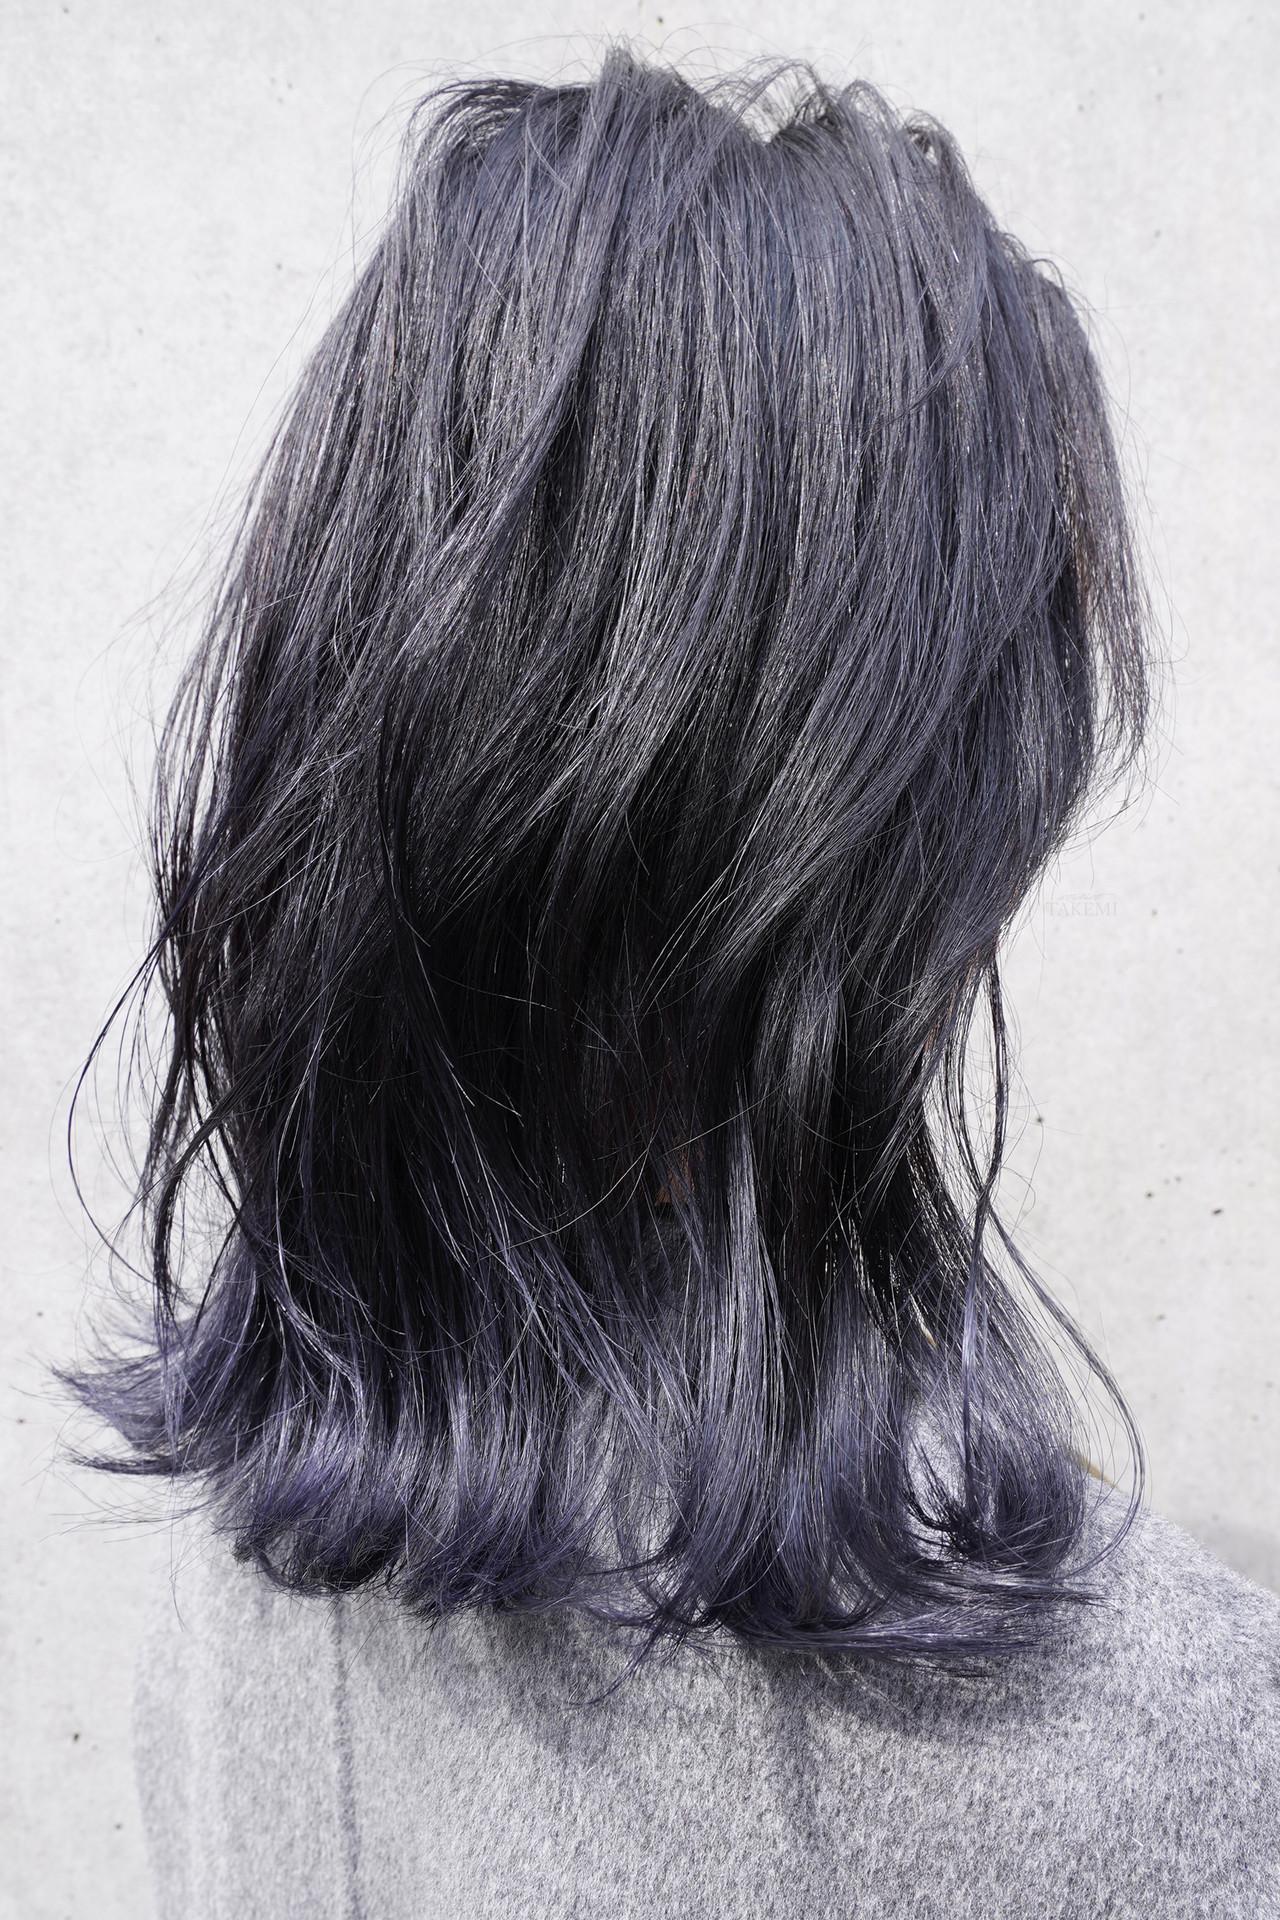 ローライト ガーリー ハイライト ミディアム ヘアスタイルや髪型の写真・画像 | TAKEMI / BEBE 表参道